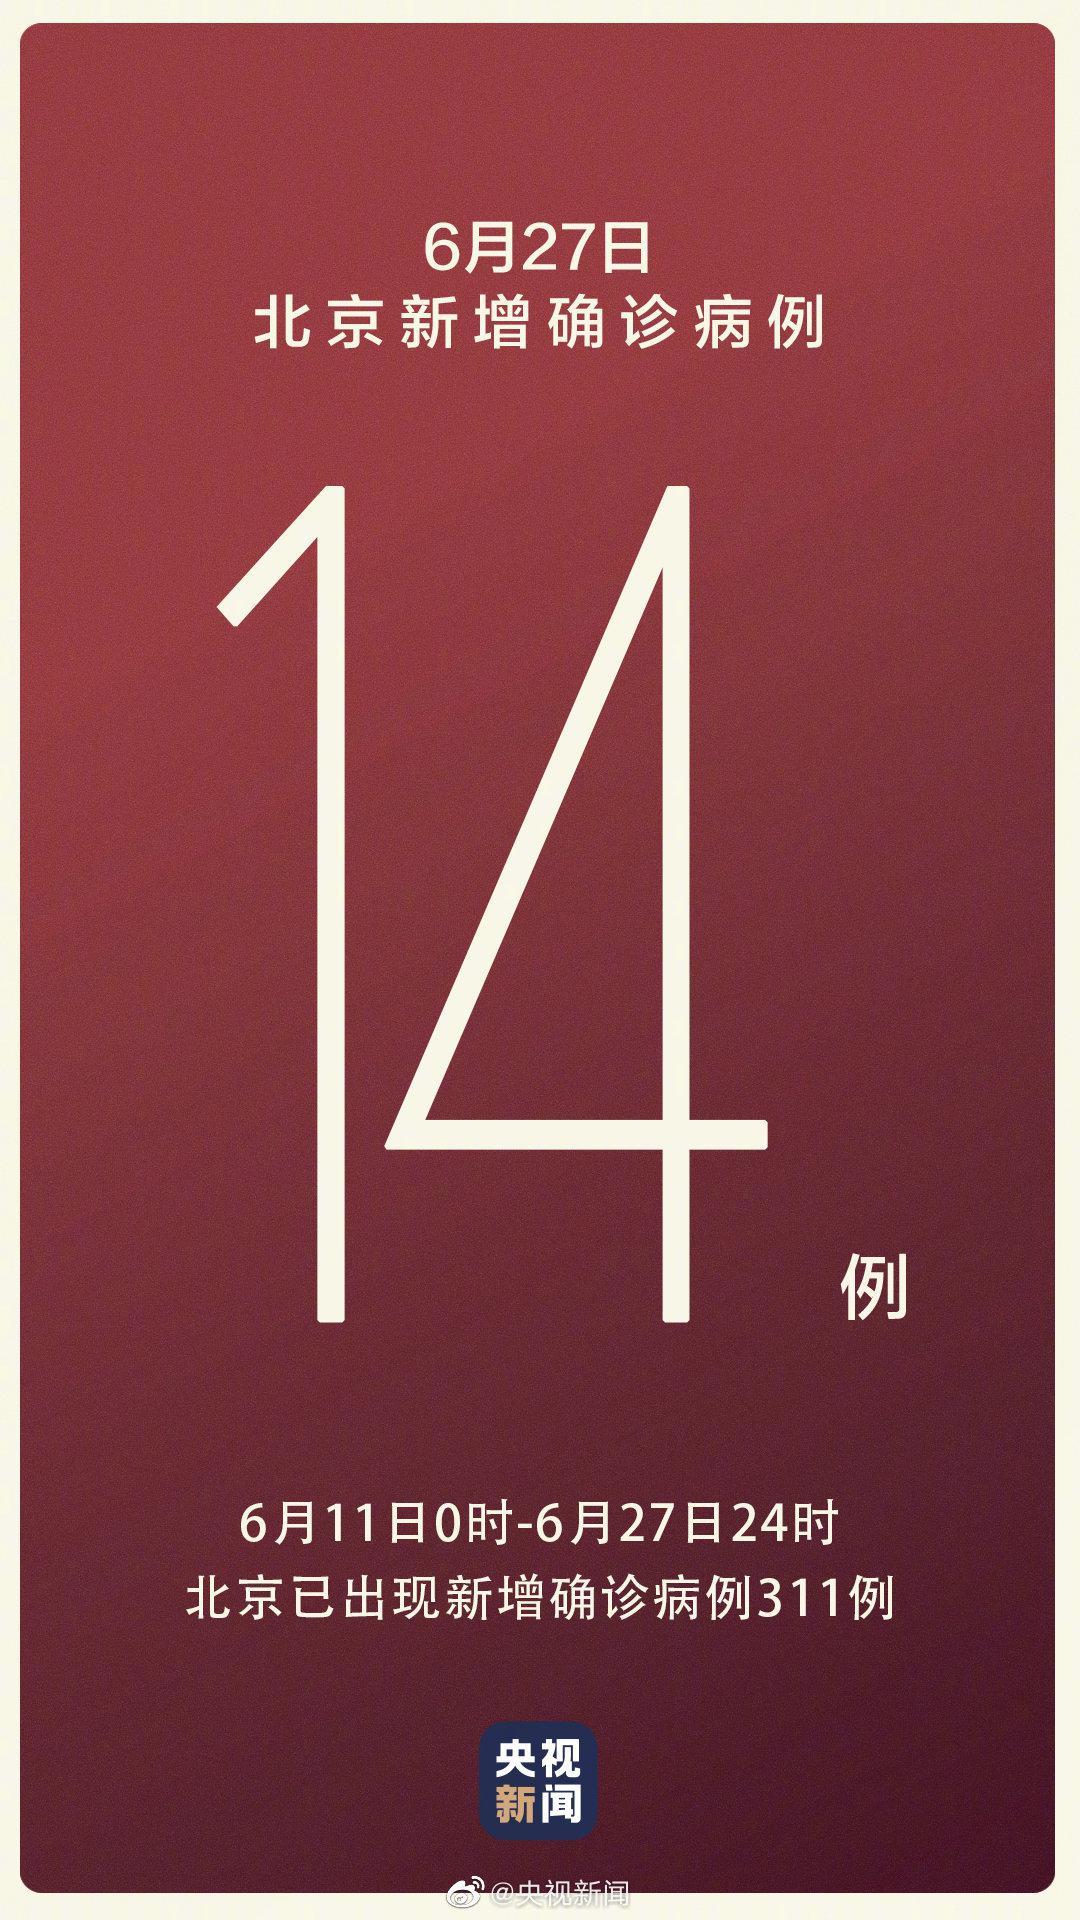 北京新增14例确诊病例 17天内新增确诊311例图片